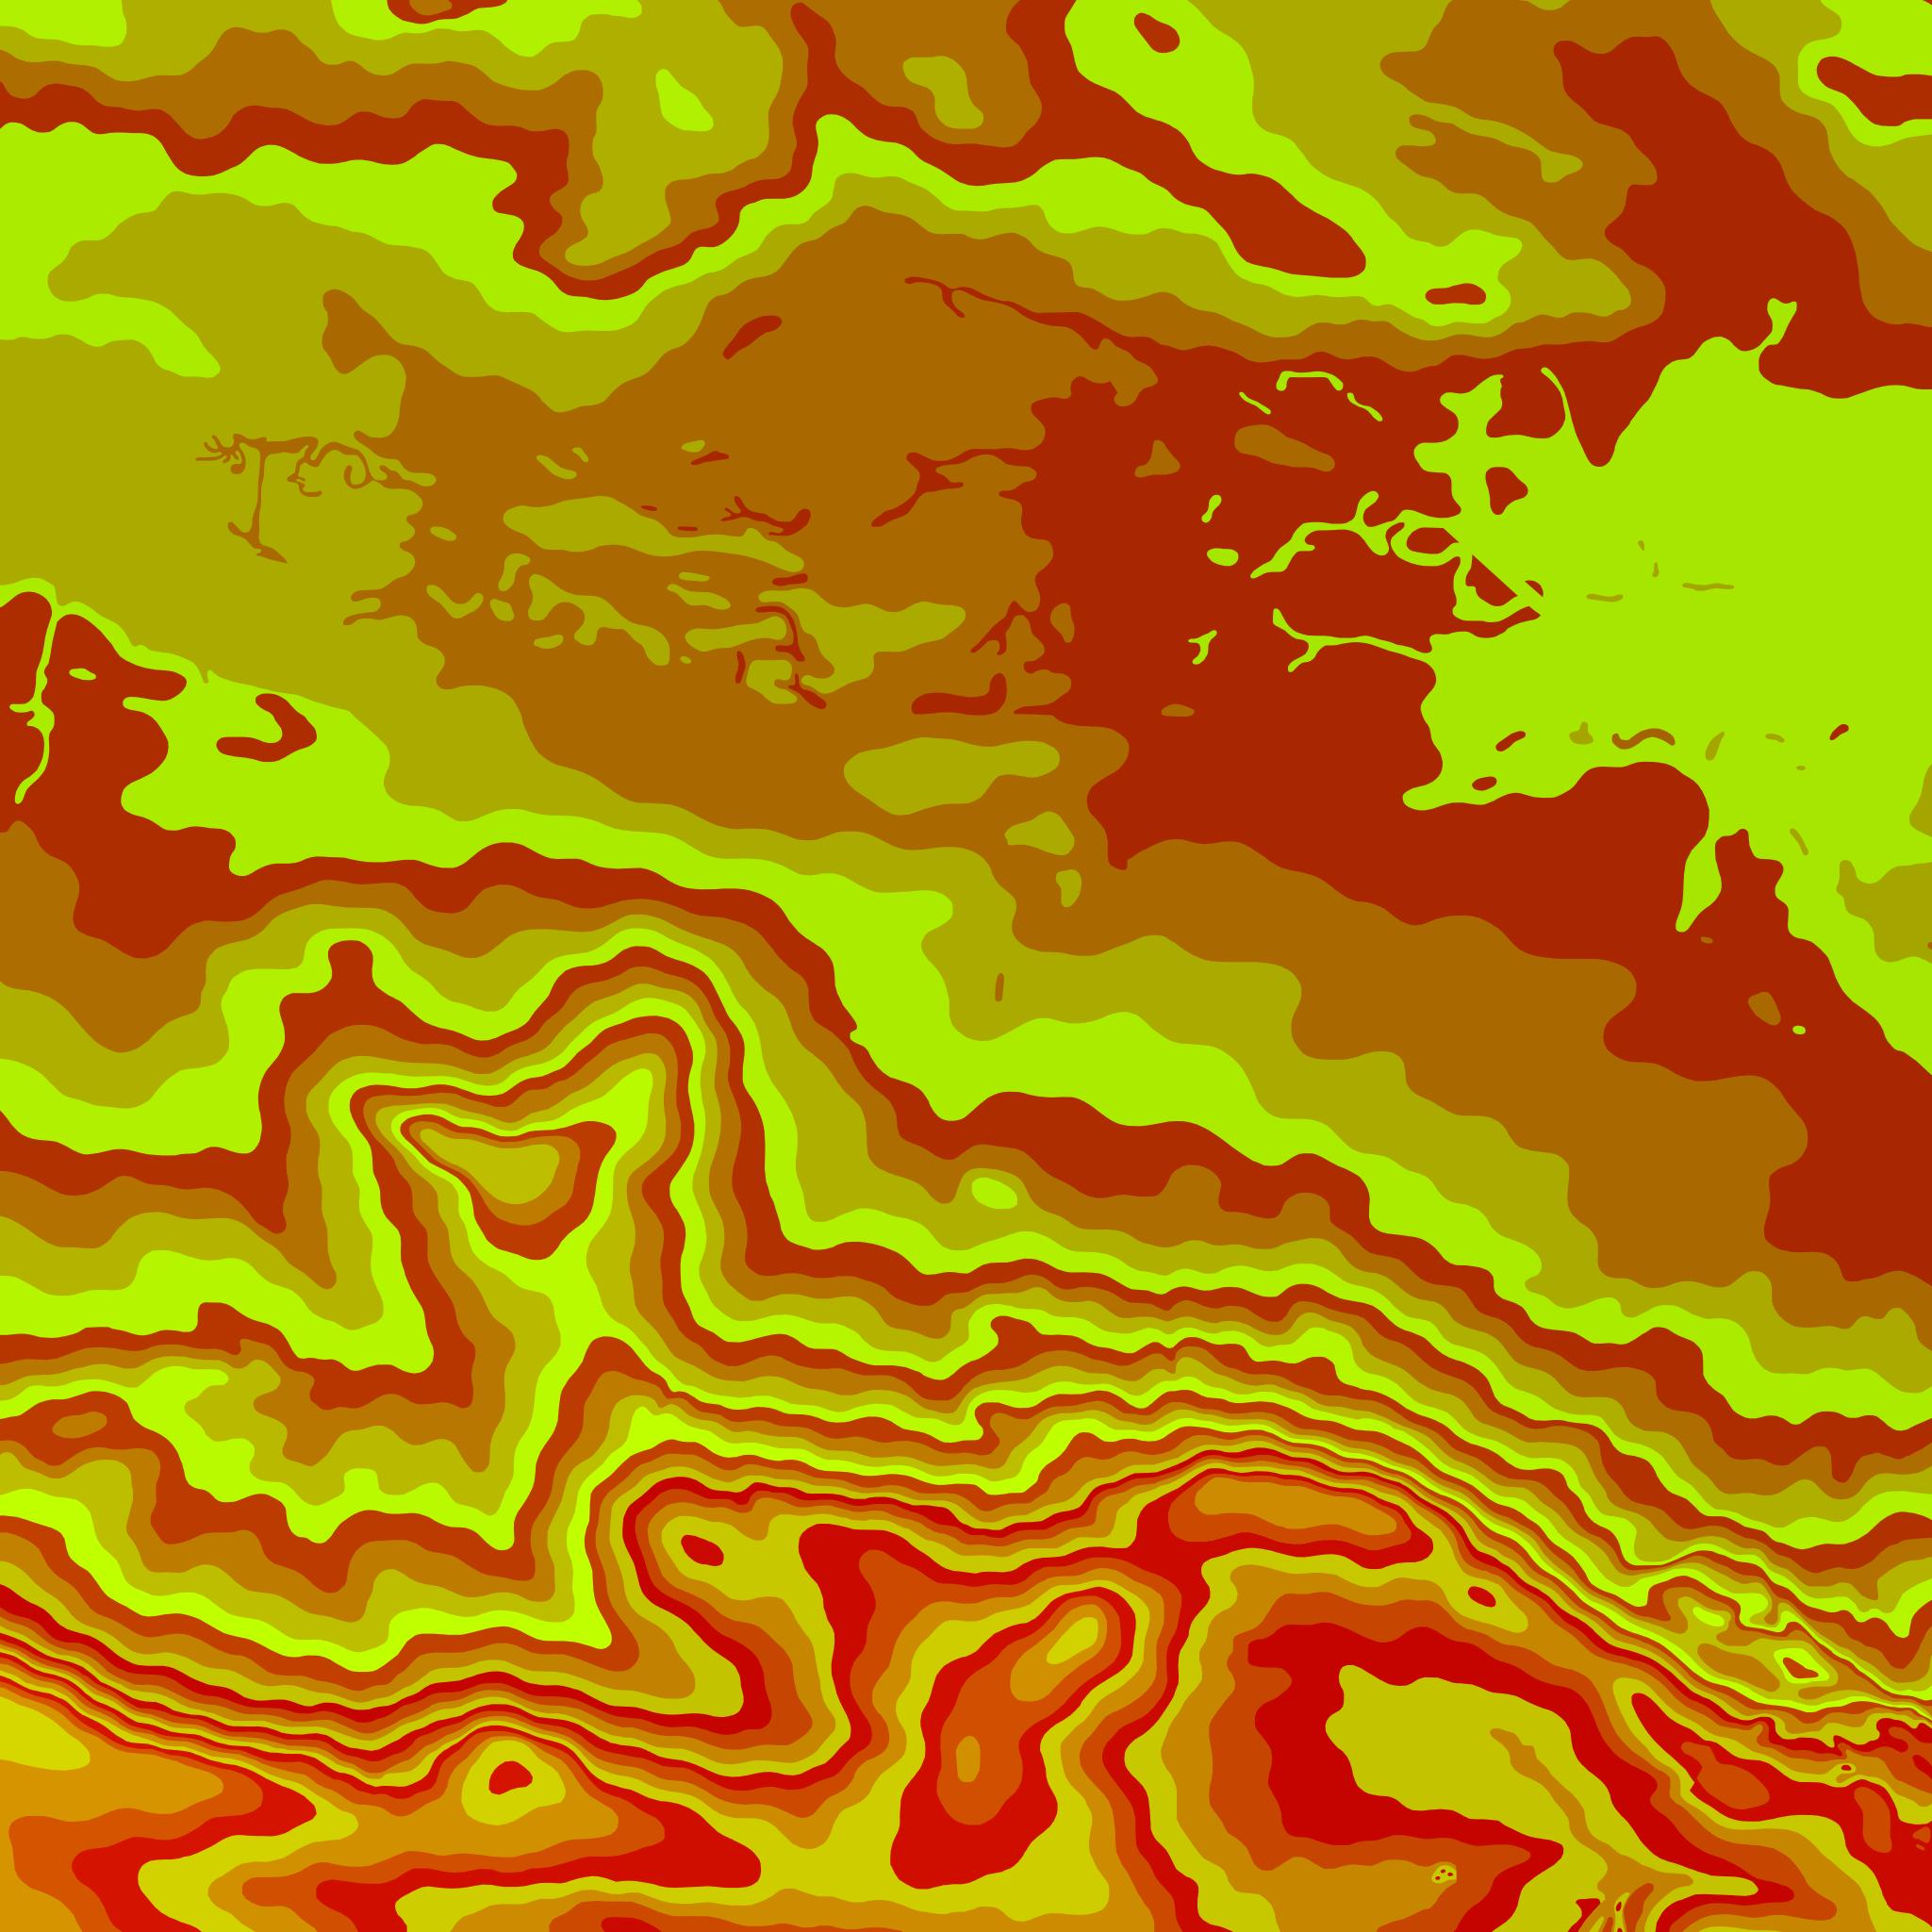 [Obrazek: map01_dem84u7x.png]